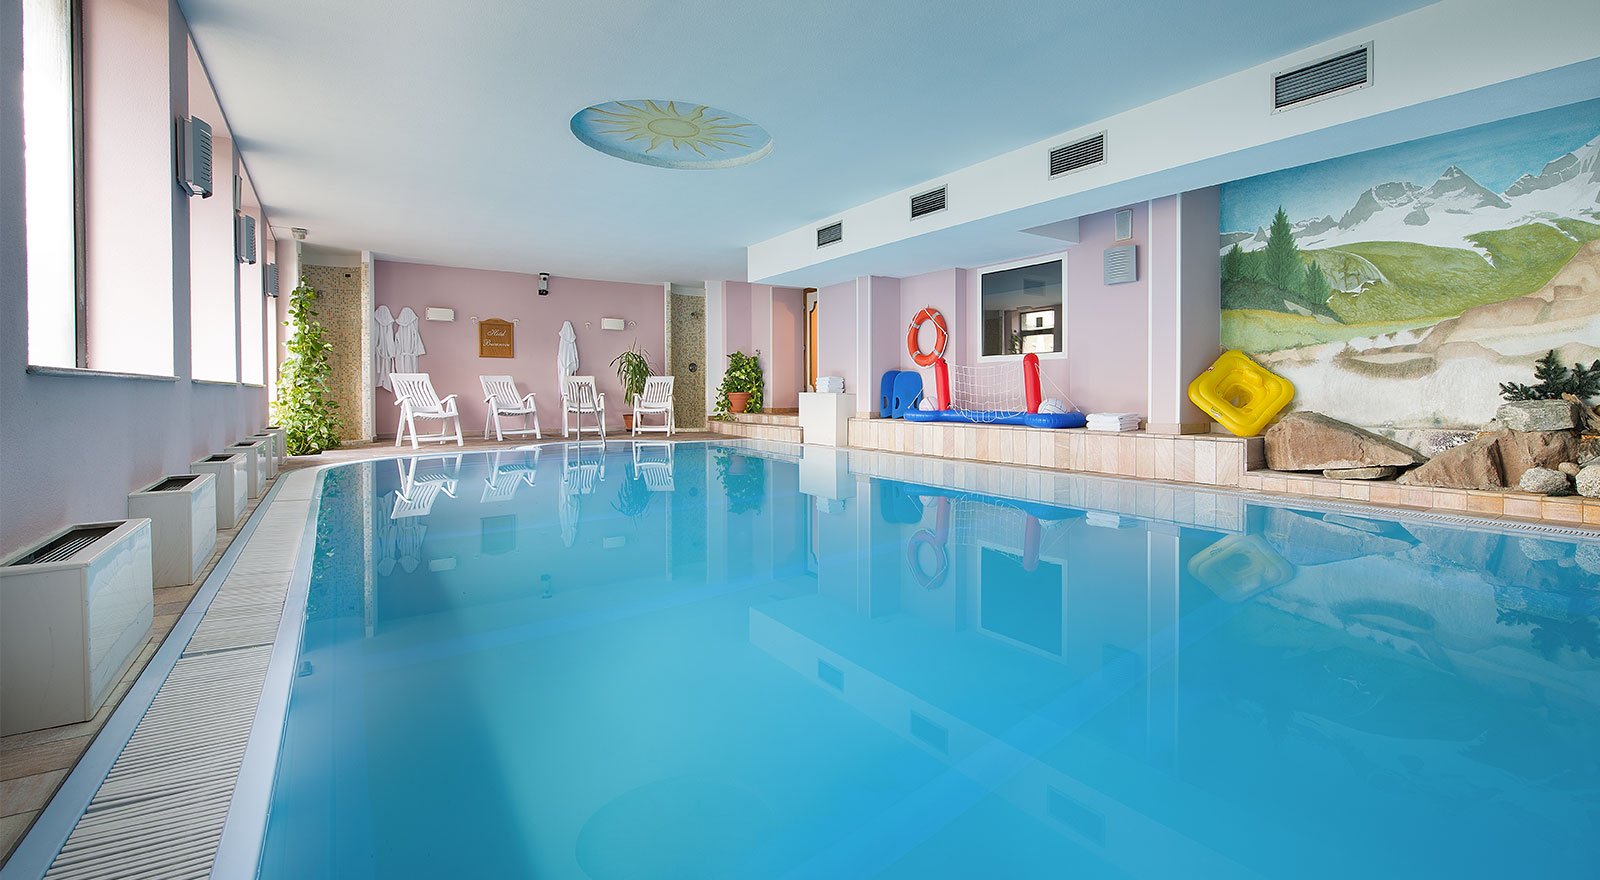 Hotel bucaneve livigno - Hotel con piscina coperta per bambini ...